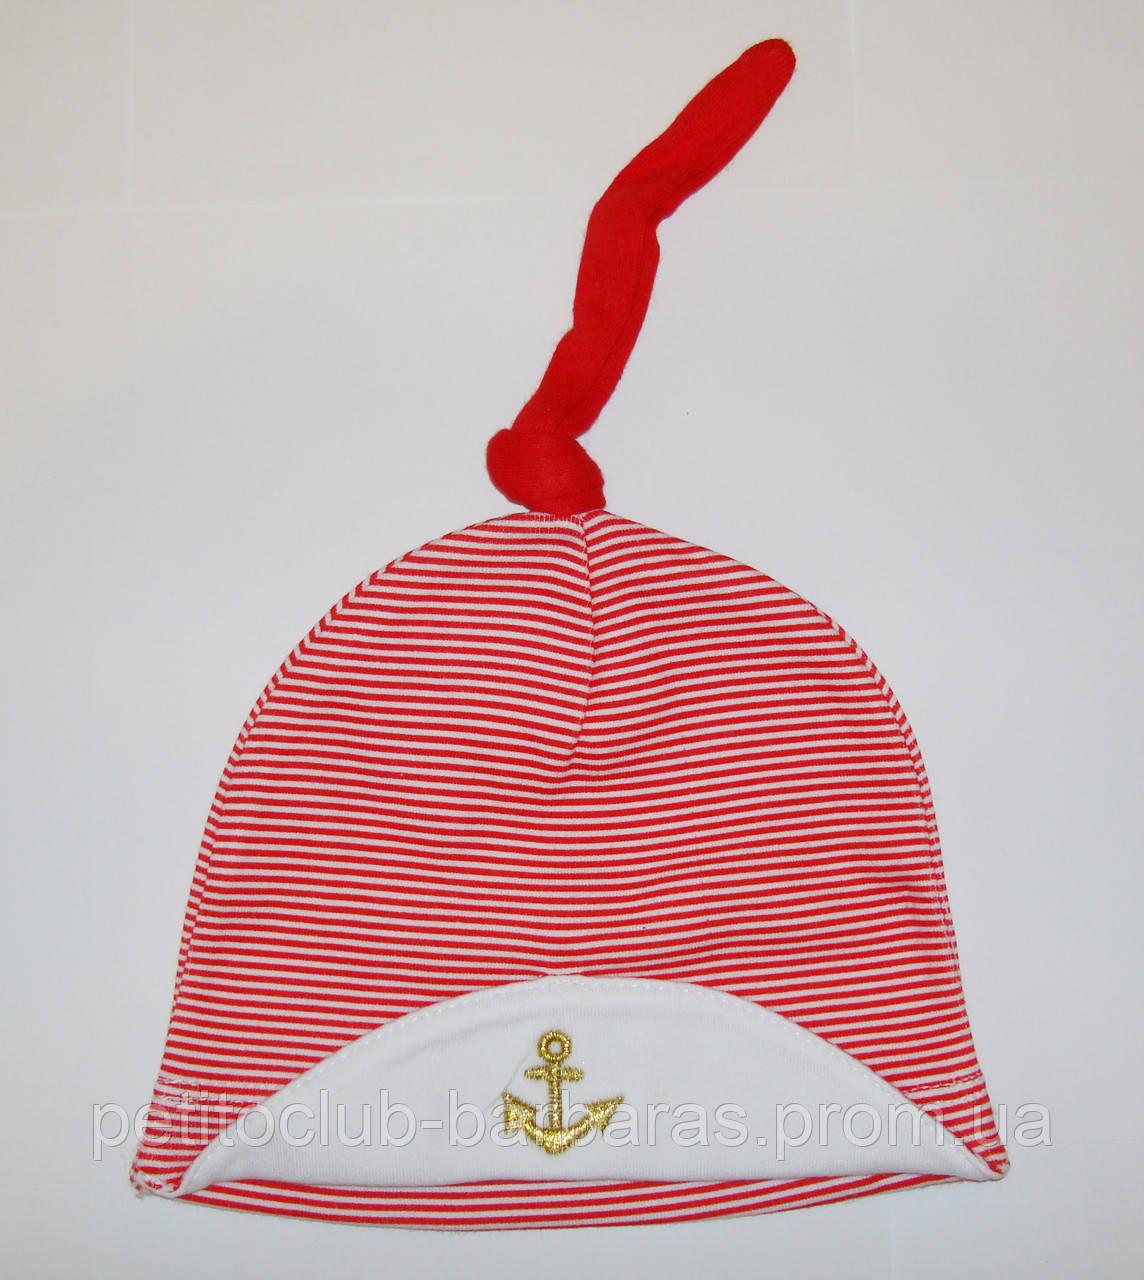 Хлопковая шапка-узелок для новорожденного мальчика Якорь (Kardi, Турция)